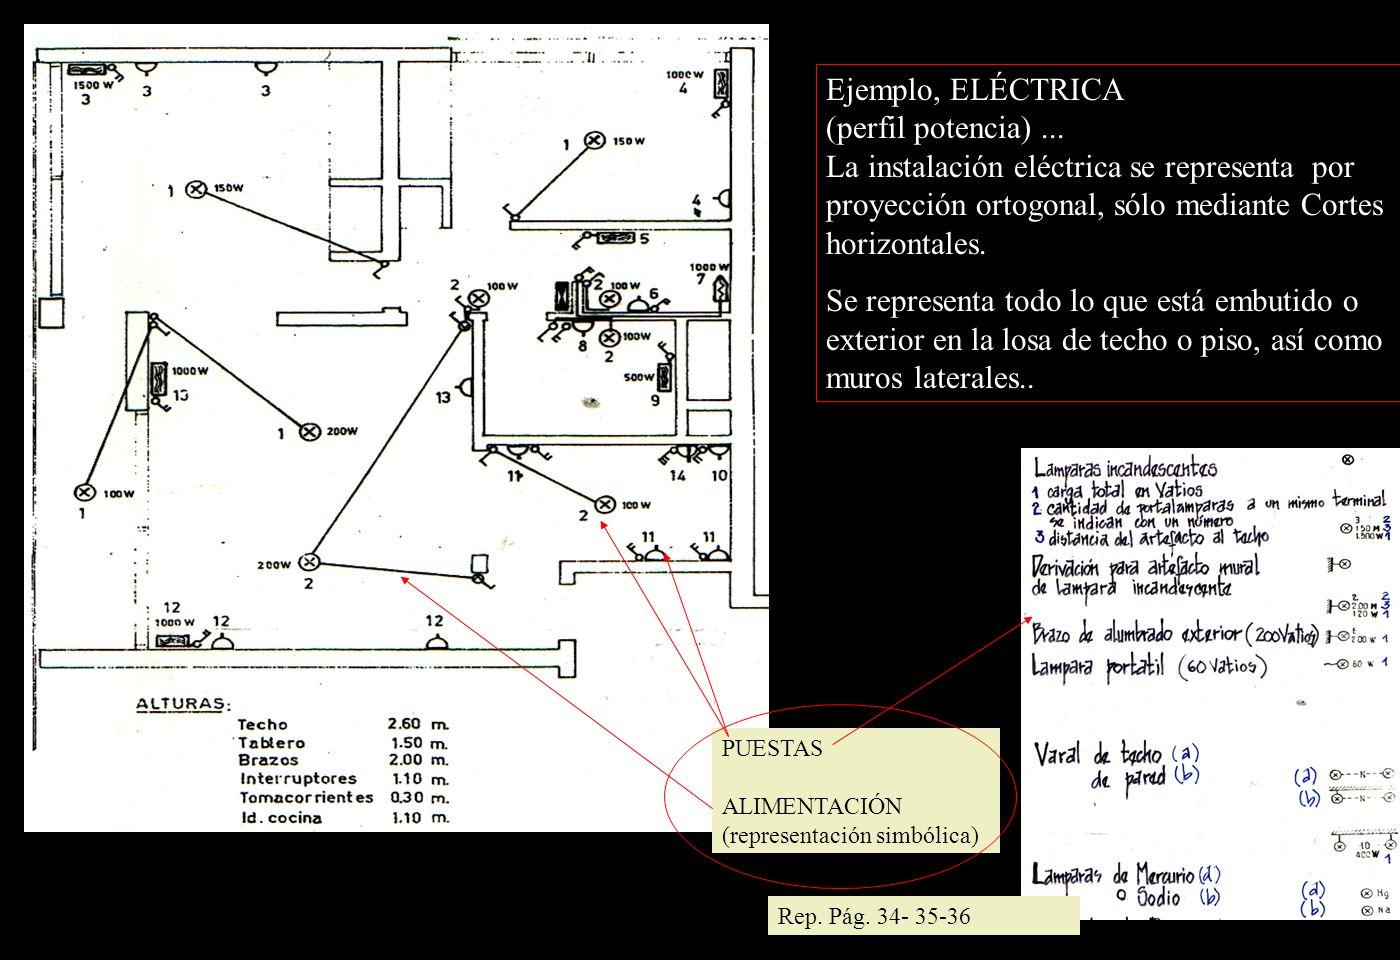 Ejemplo, ELÉCTRICA (perfil potencia)...